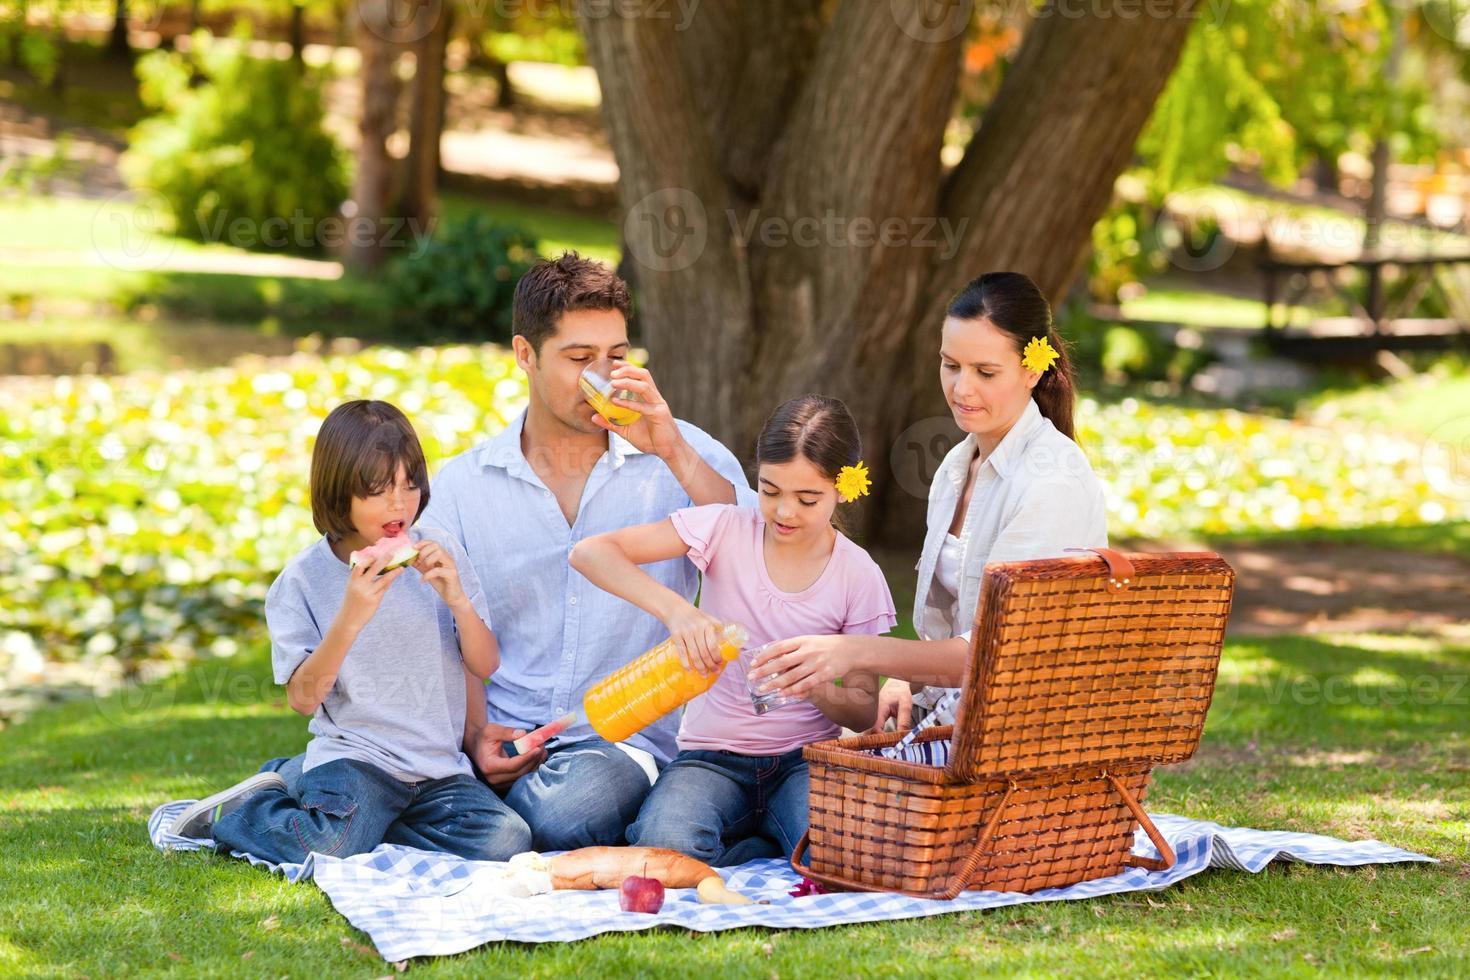 família adorável, um piquenique no parque foto